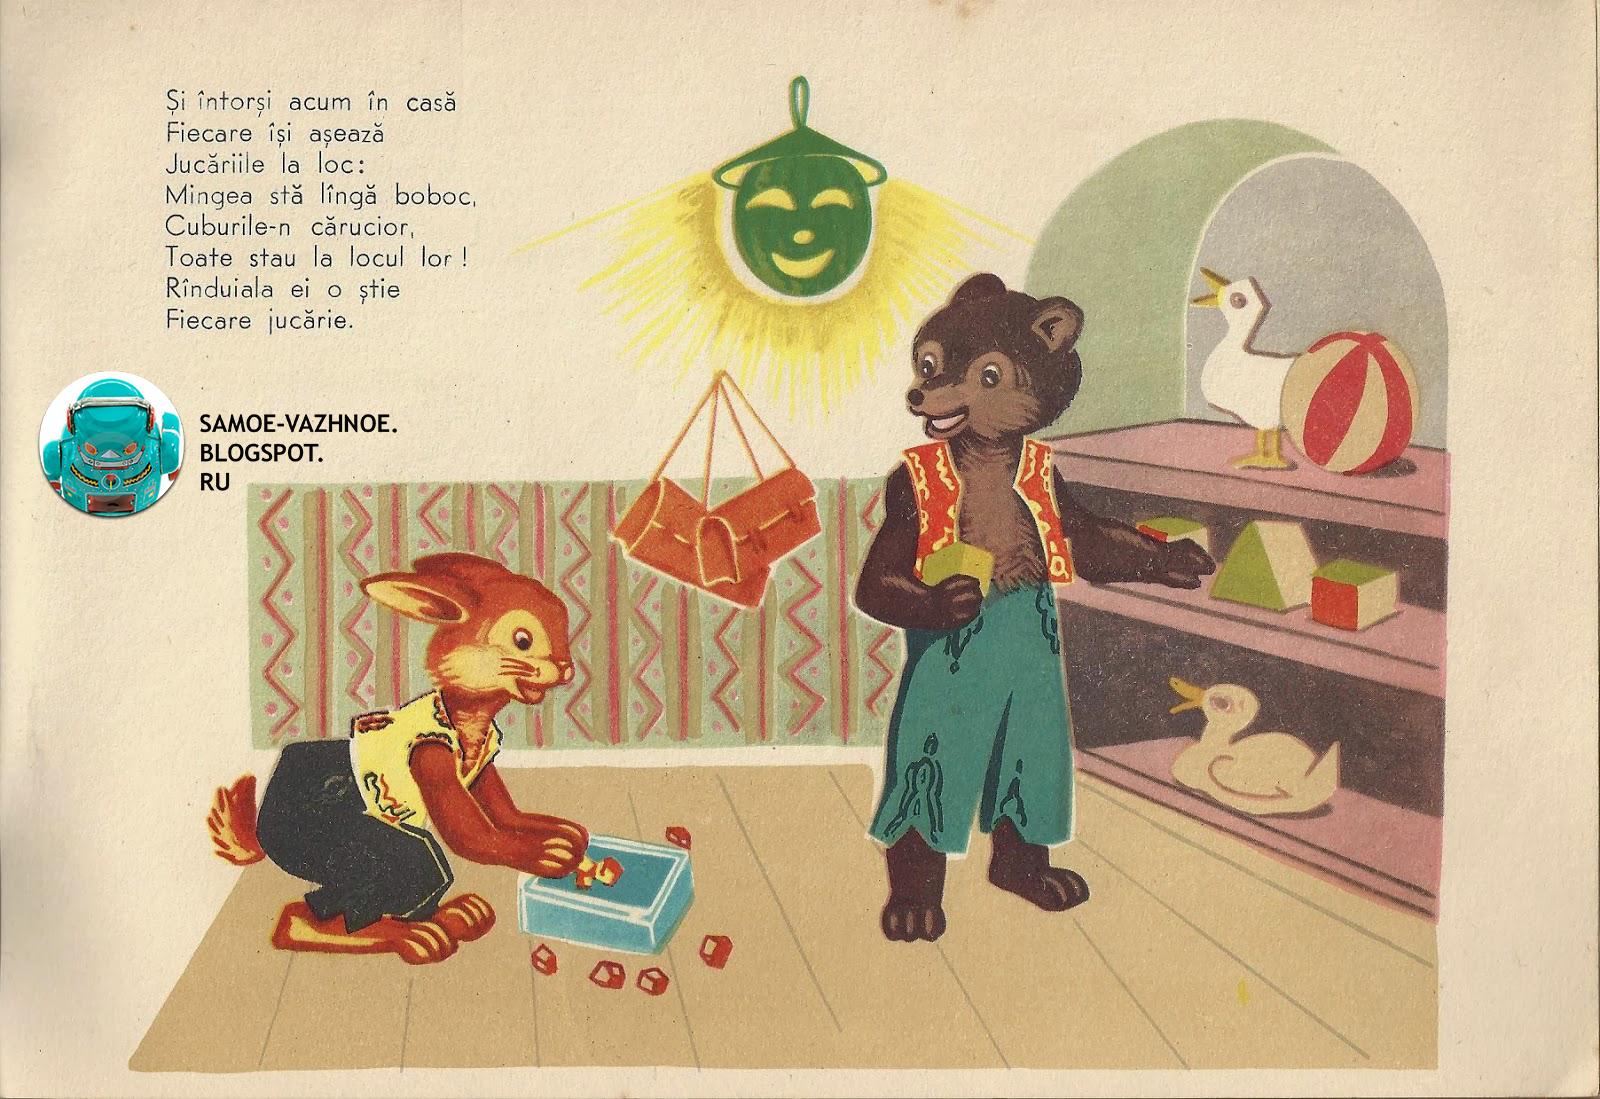 Советская книга животные звери комната игрушки лампа-арбуз СССР